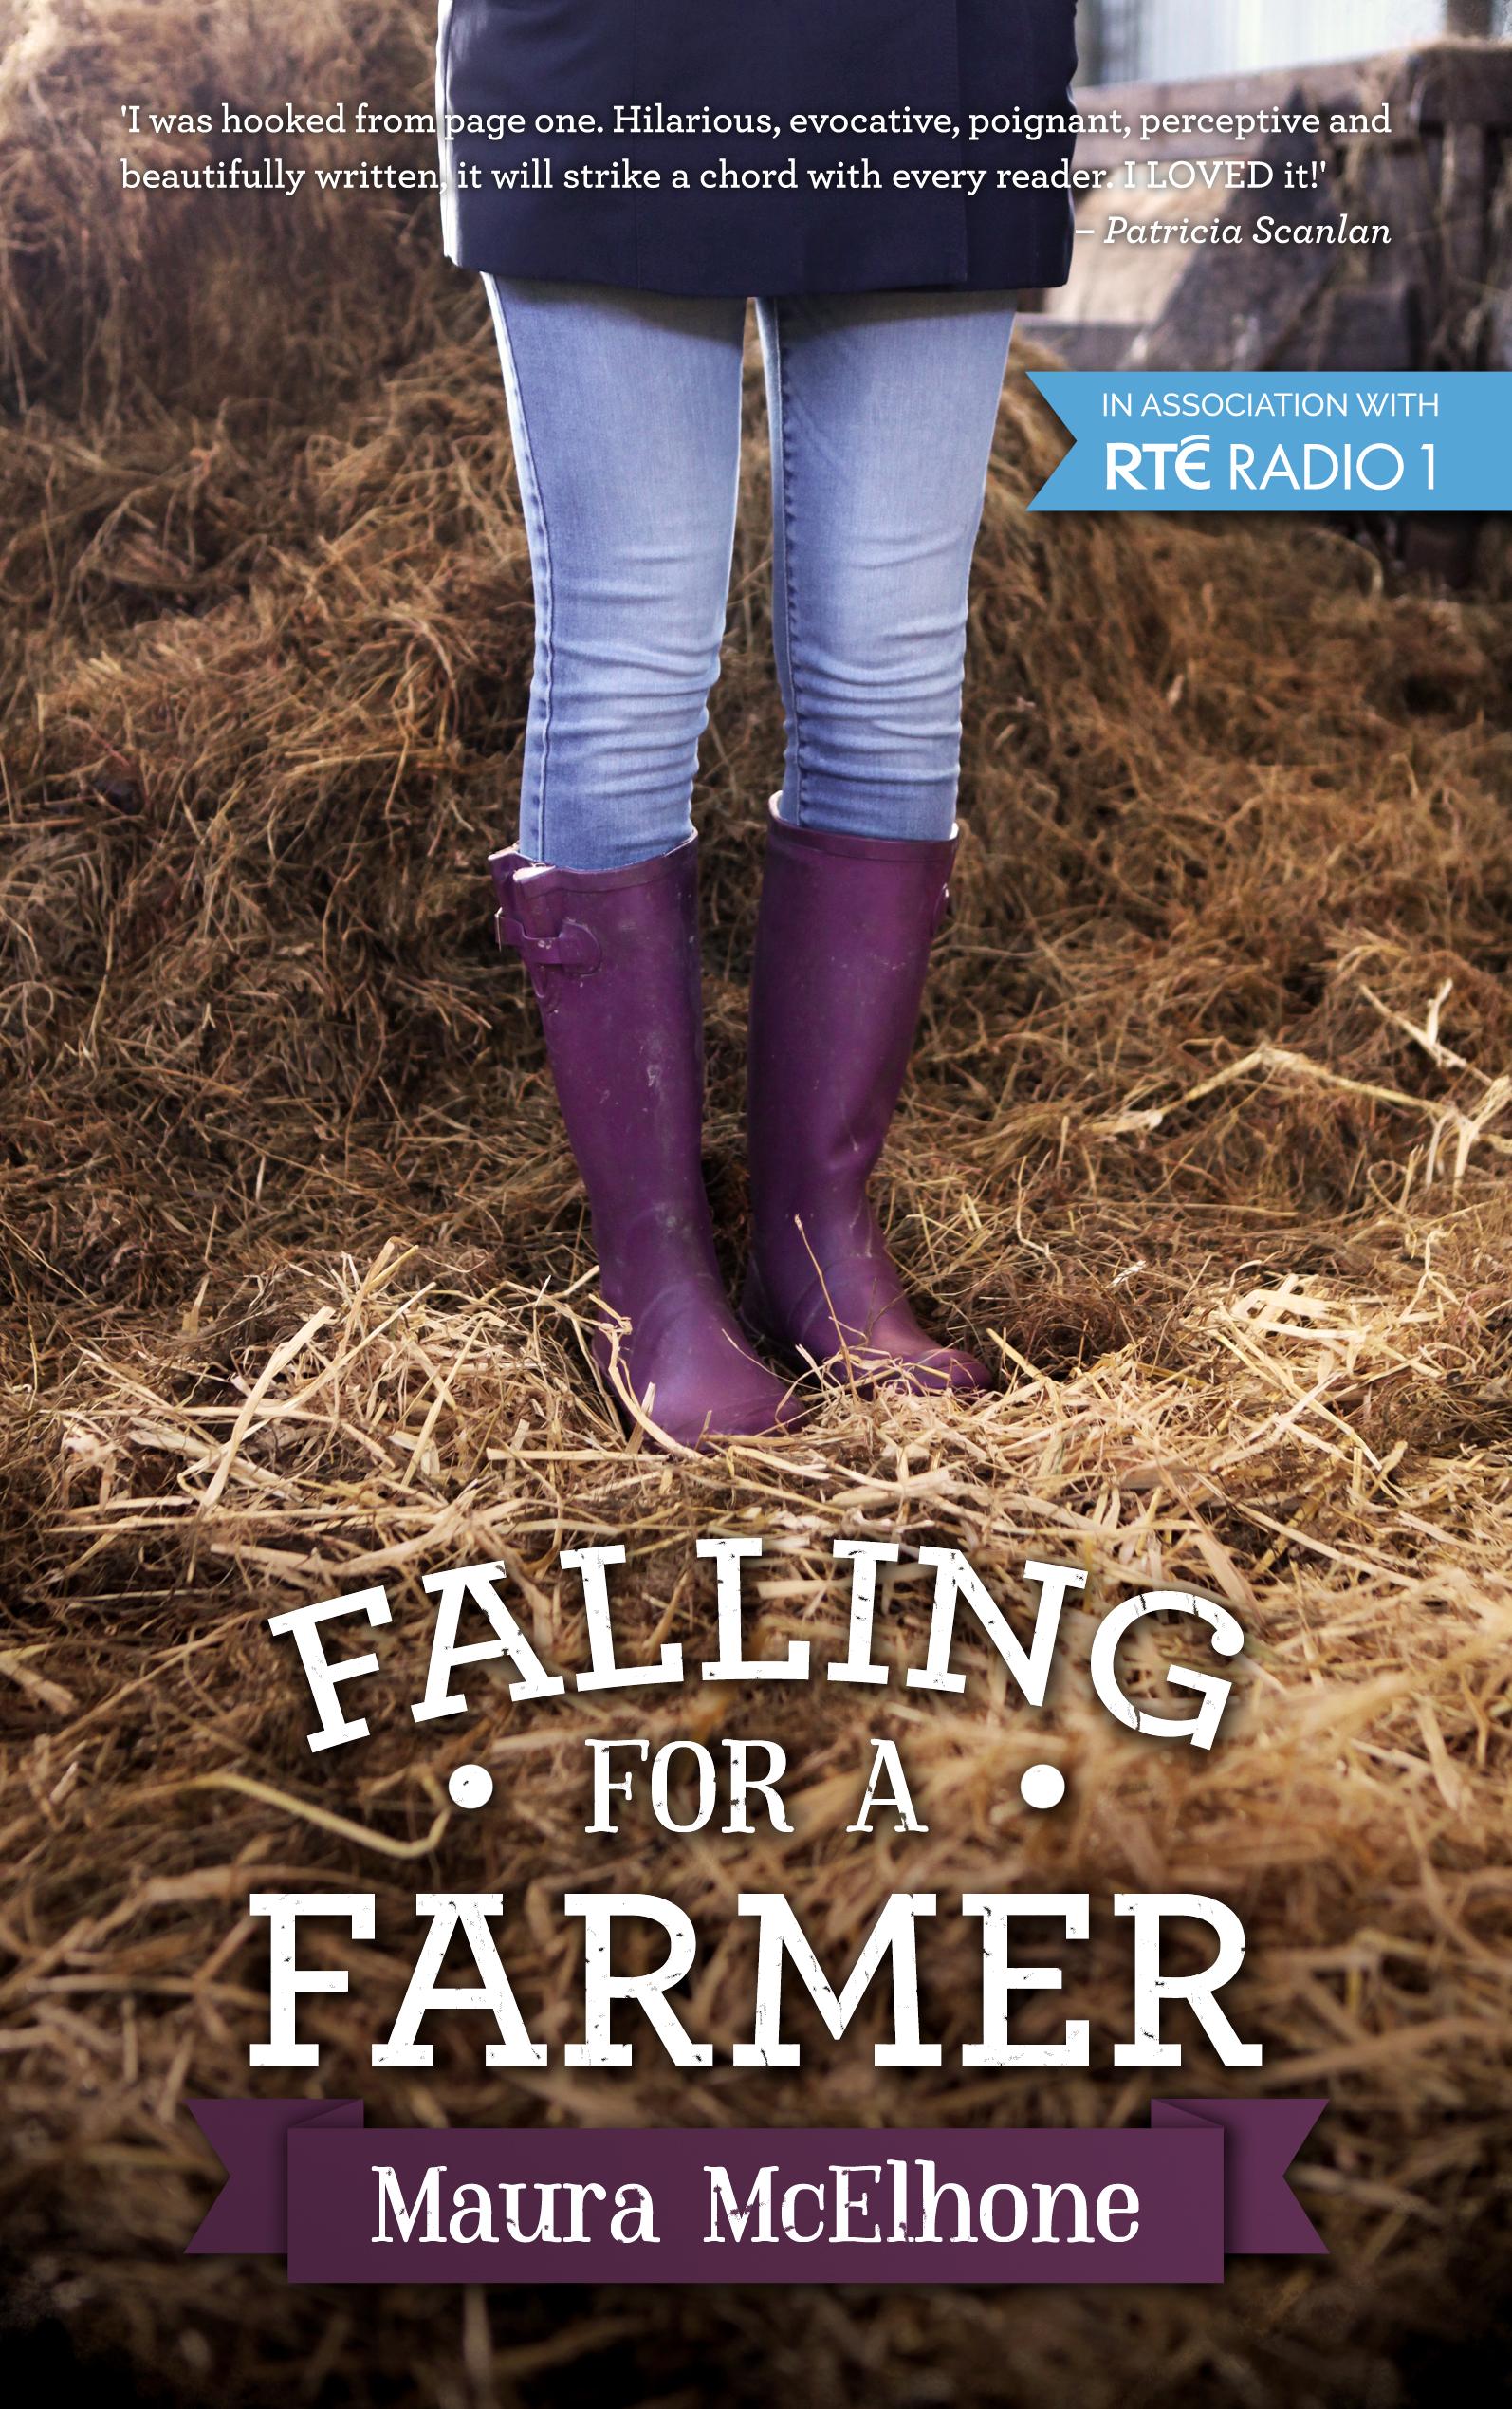 FallingForAFarmer_Cover.jpg